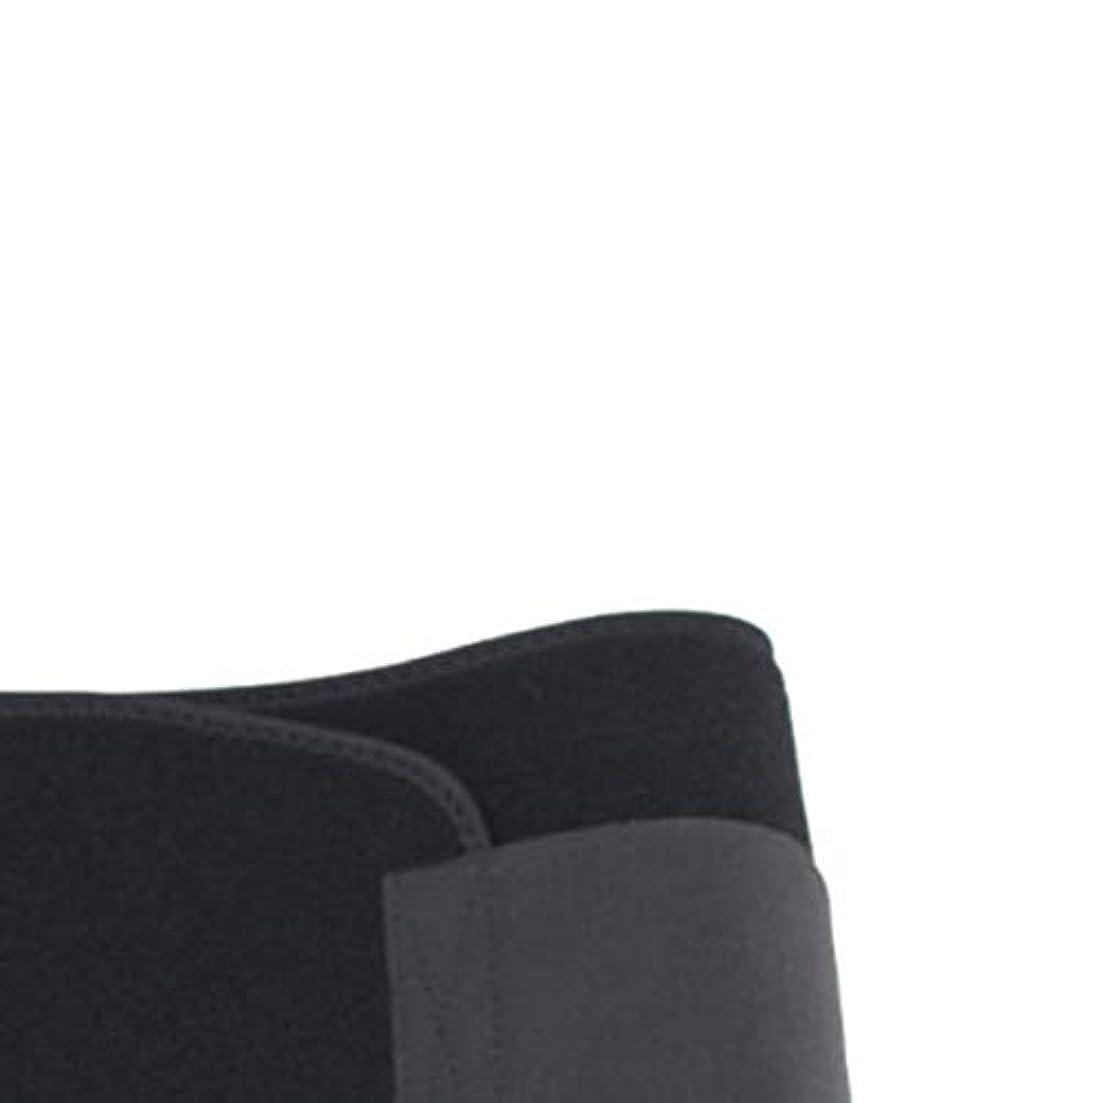 男性女性ウエストおなかスポーツボディシェイパーバンドベルトラップファットバーンスリミングエクササイズ用品ボディシェイピング(黒)